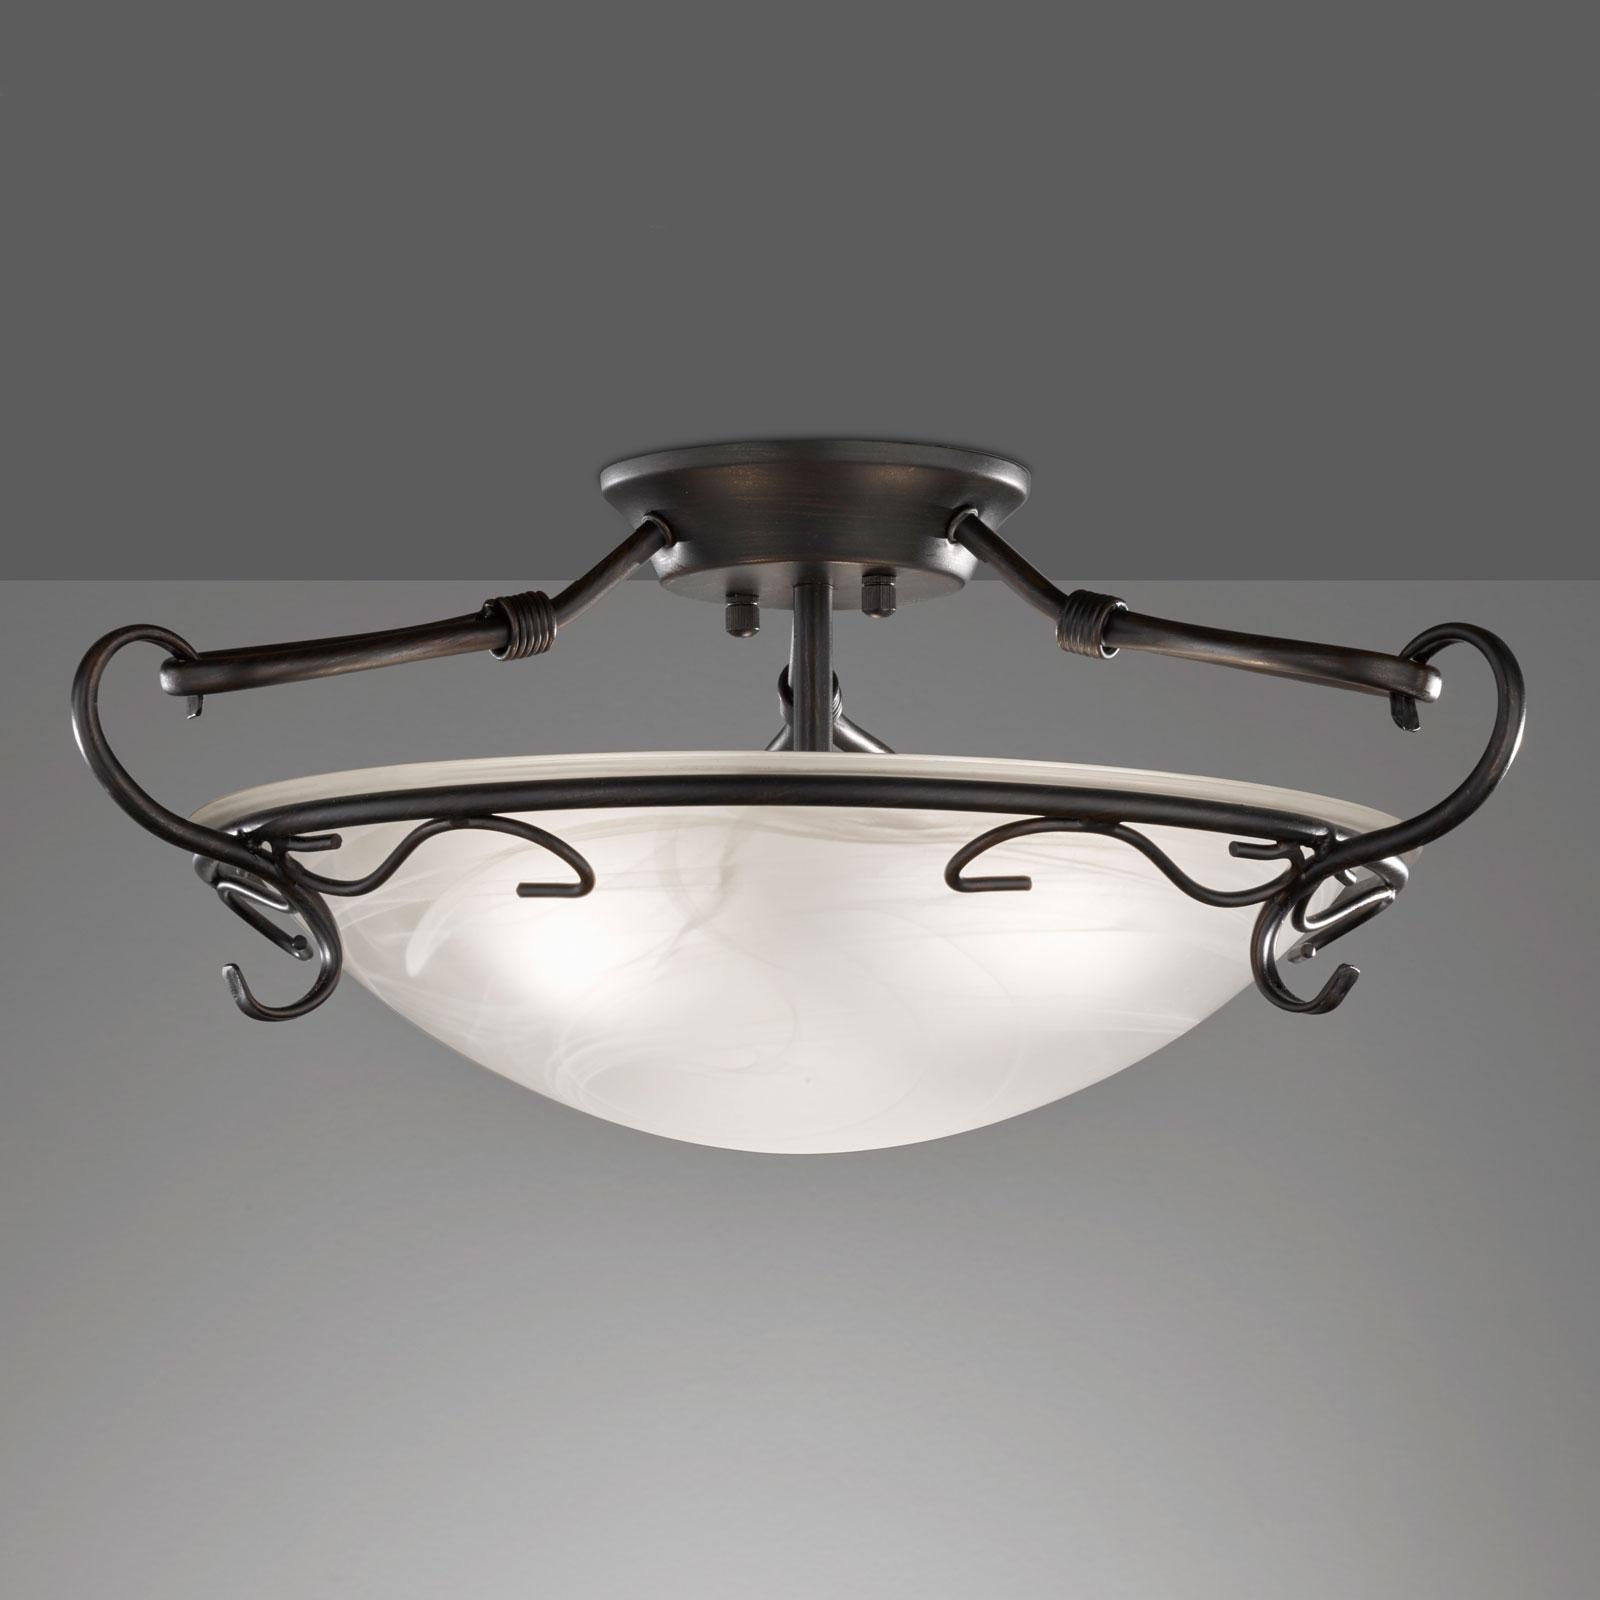 Plafondlamp VENTURI roestkleurig antiek h. 22 cm